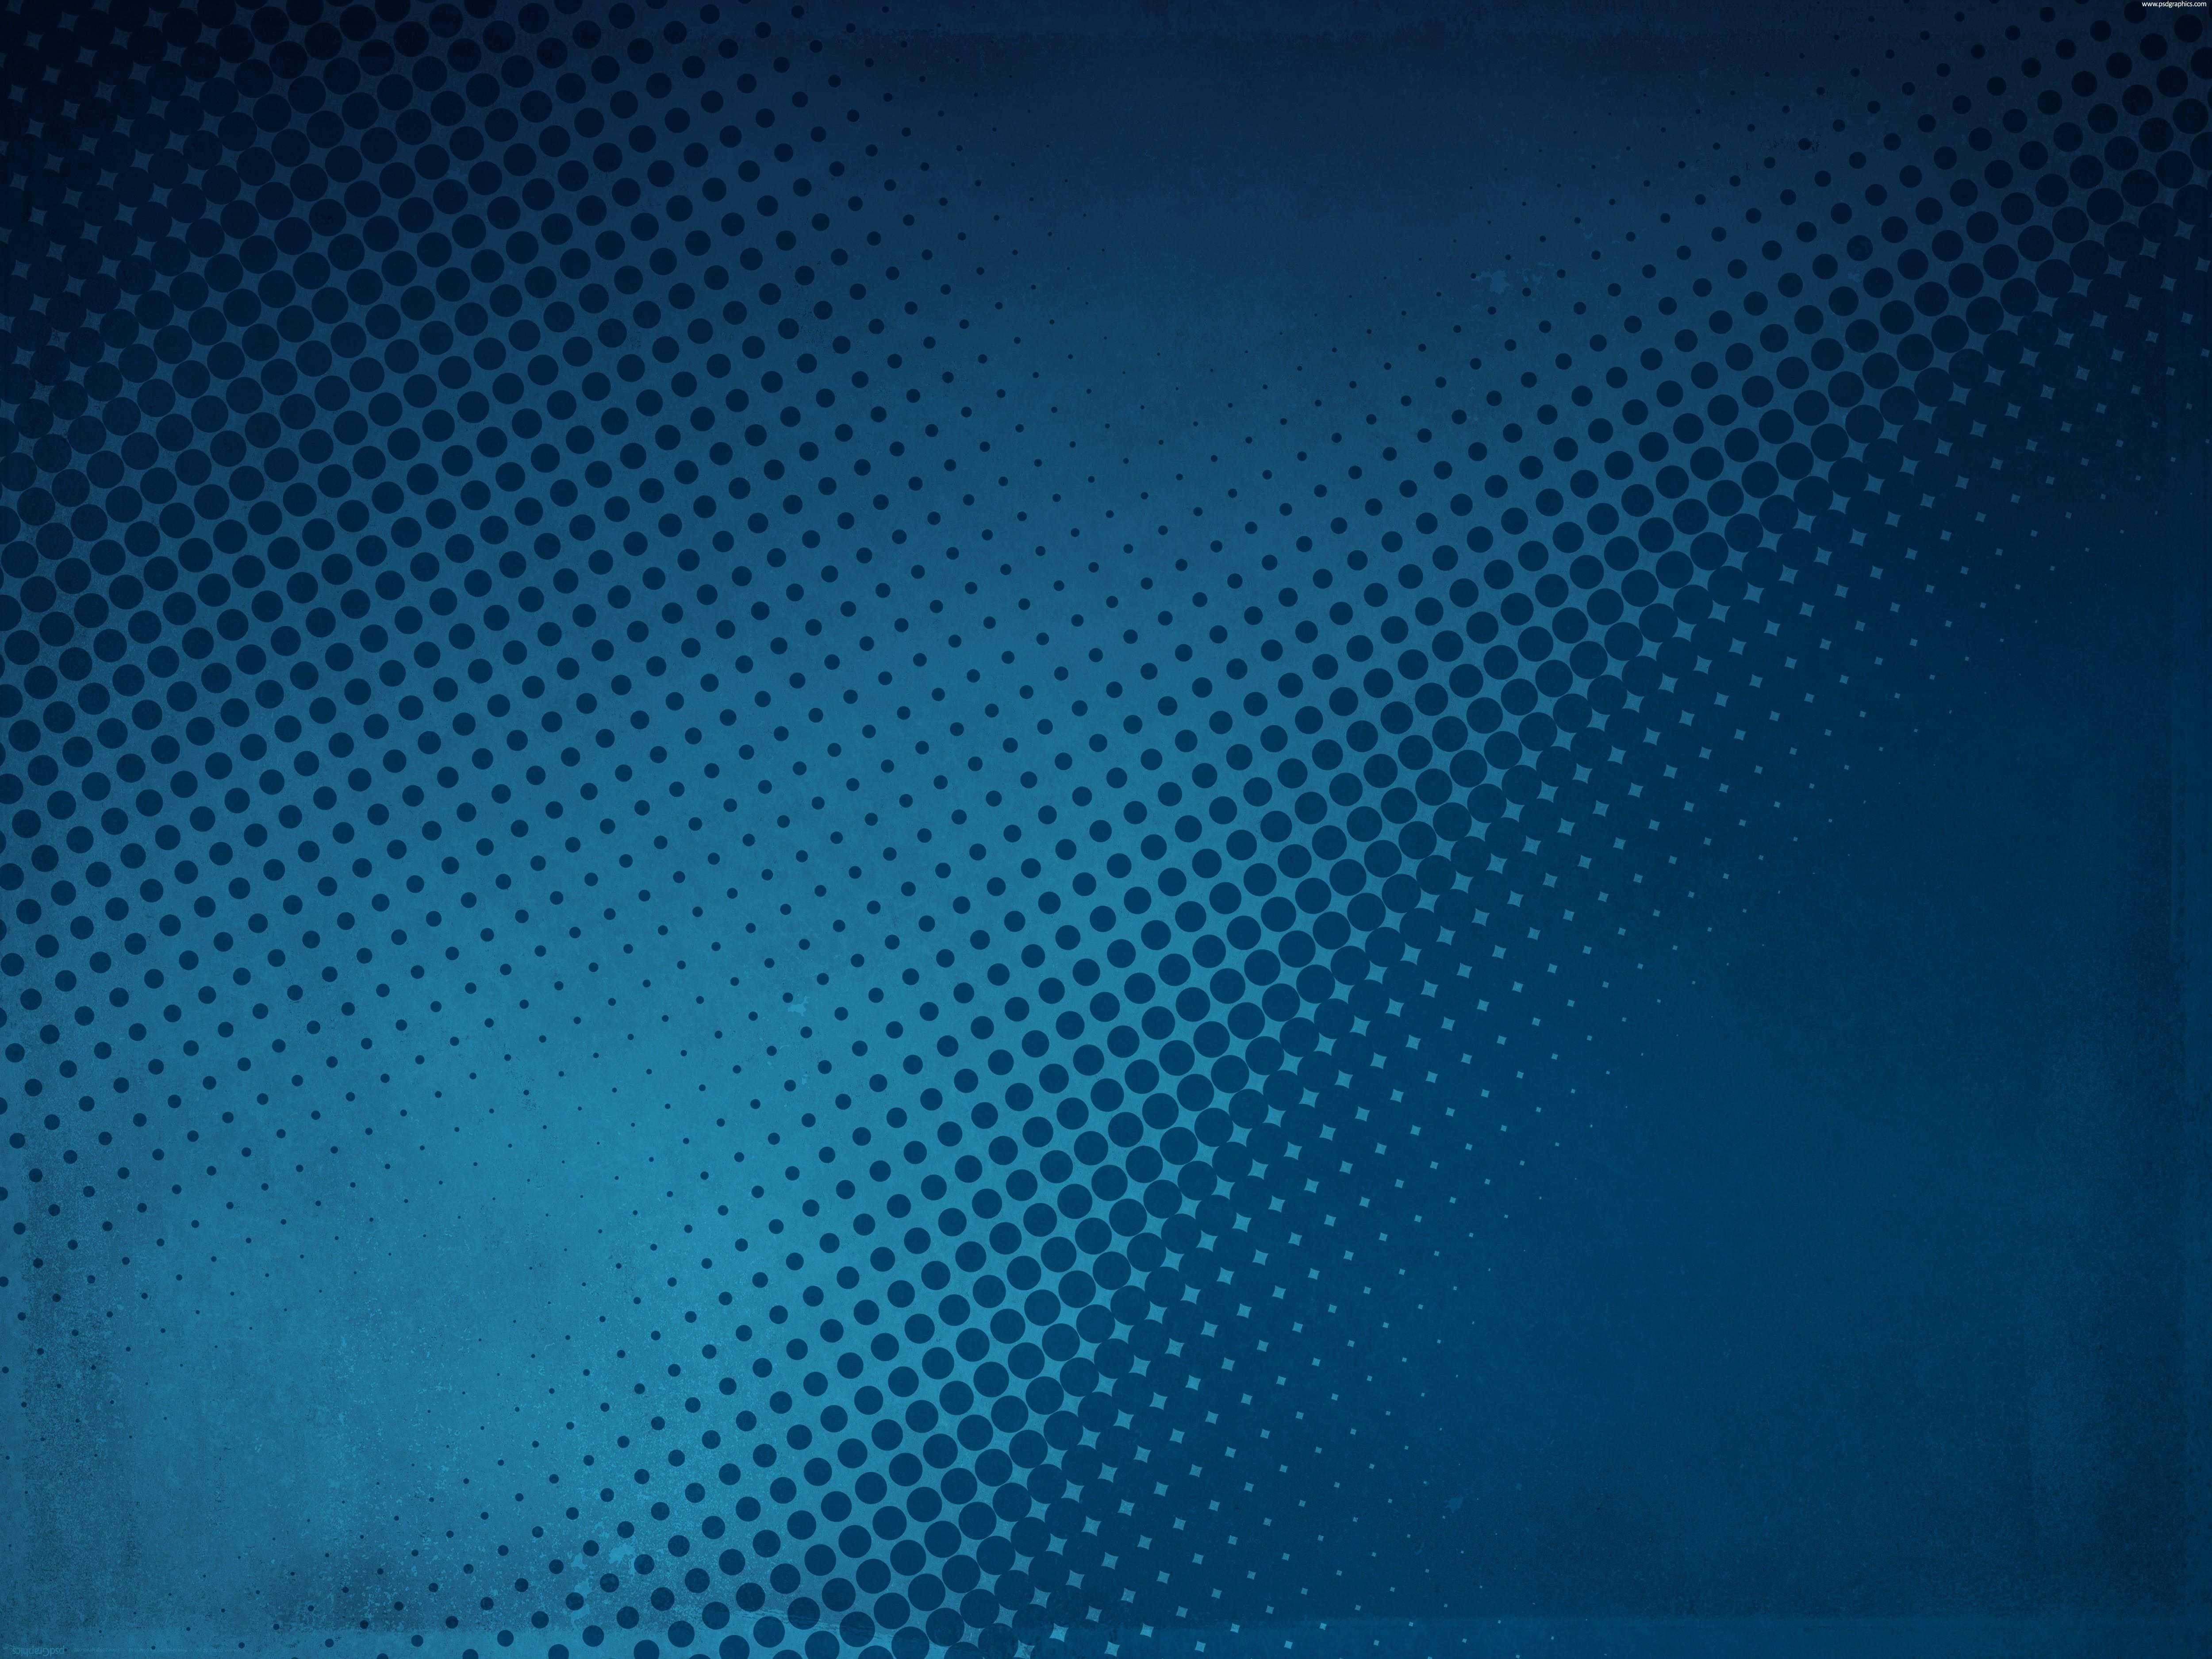 Patrón De Fondo De Pantalla De Deportes: Fondos De Pantalla : Azul, Patrón, Textura, Circulo